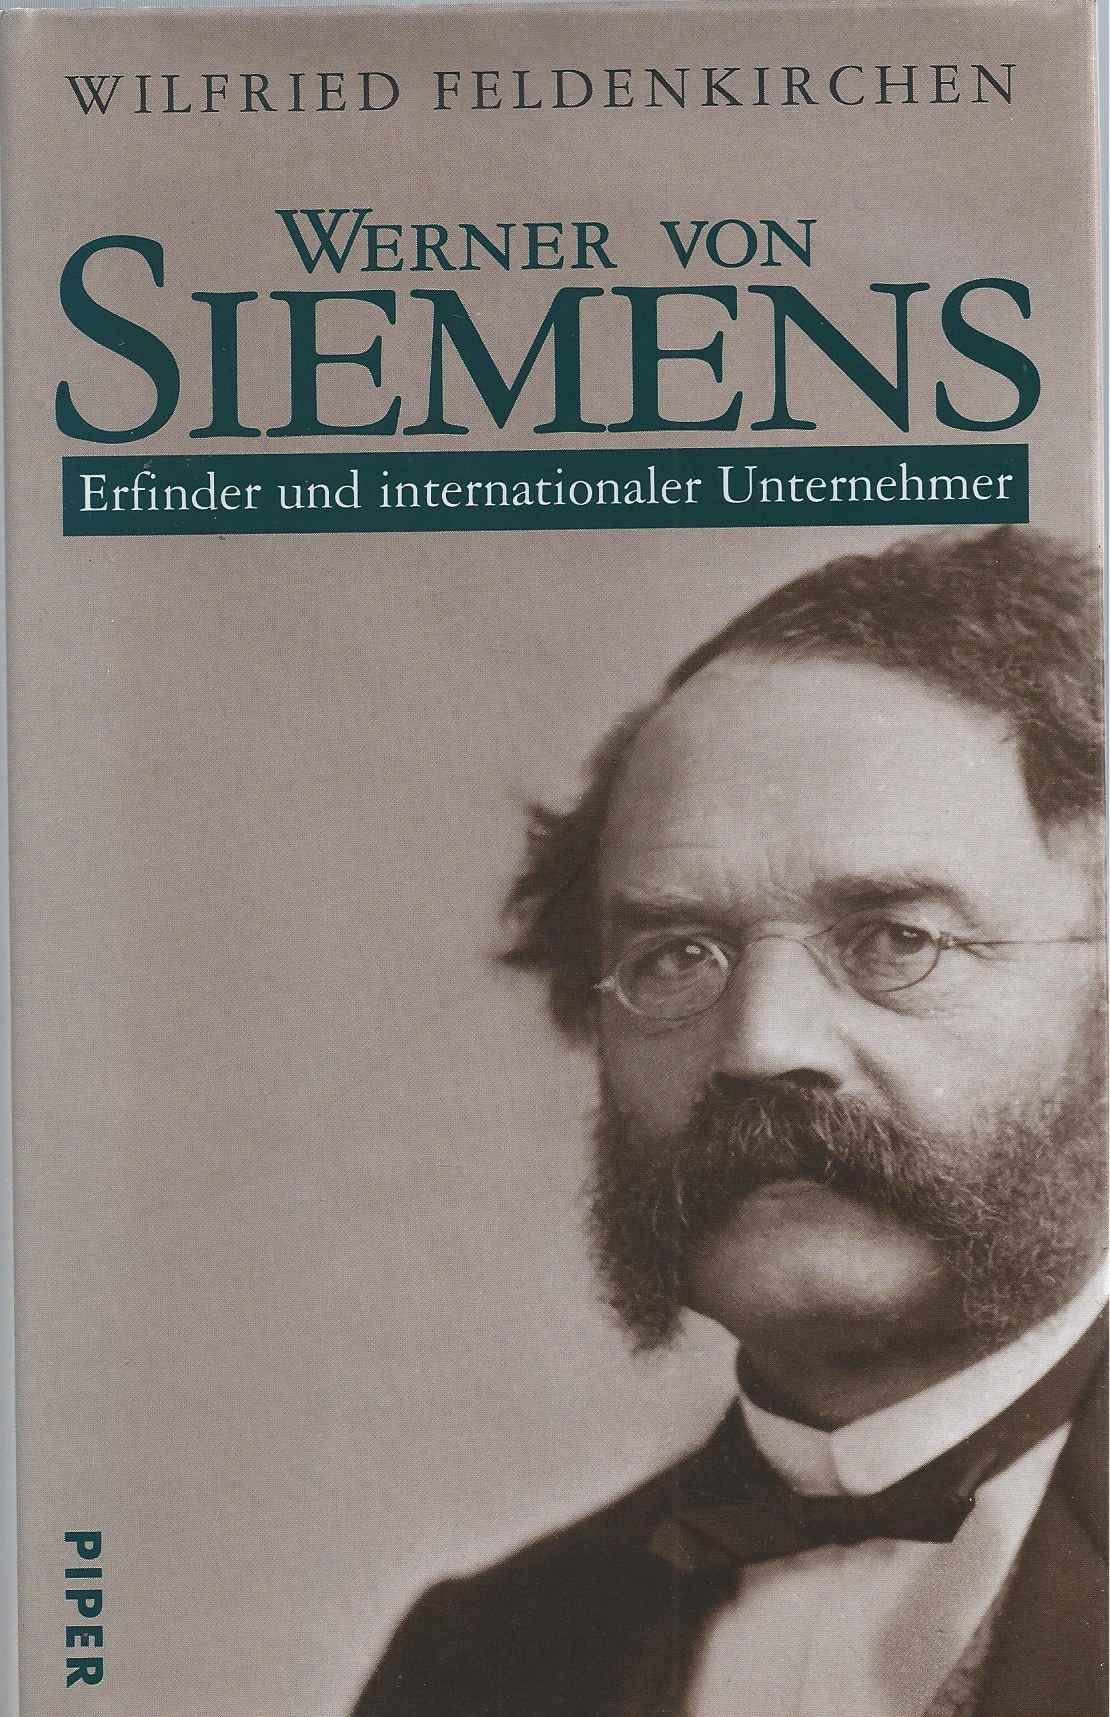 Werner Von Siemens Erfinder Und Internationaler Unternehmer Gebundenes Buch – 14. Januar 1993 Wilfried Feldenkirchen Publicis Corporate Publishing 3800941562 Mechanical Engineering